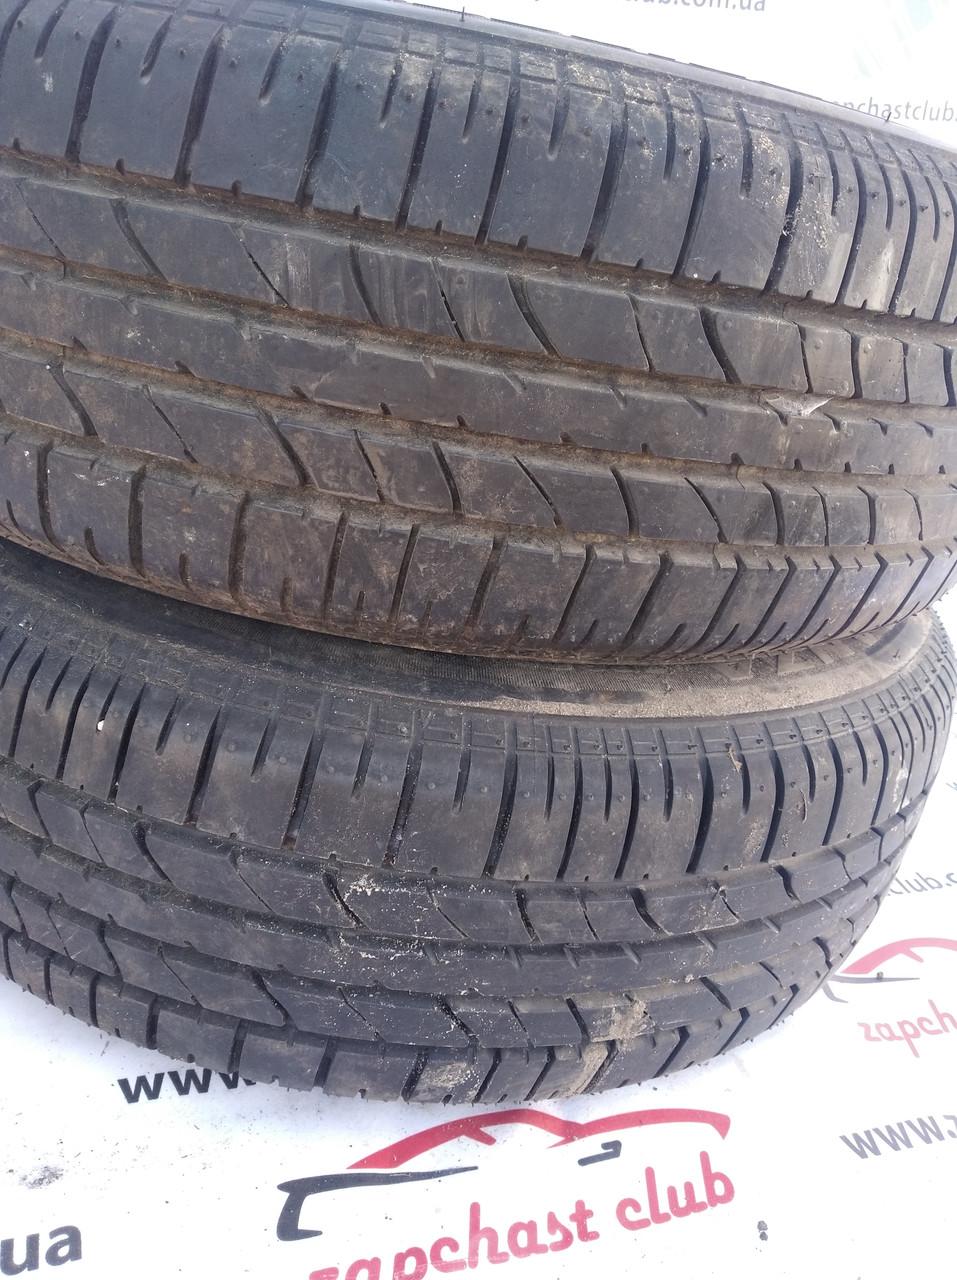 Резина 195/60 R15 пара лето Bridgestone Japan 06 год 8мм 999350 ...